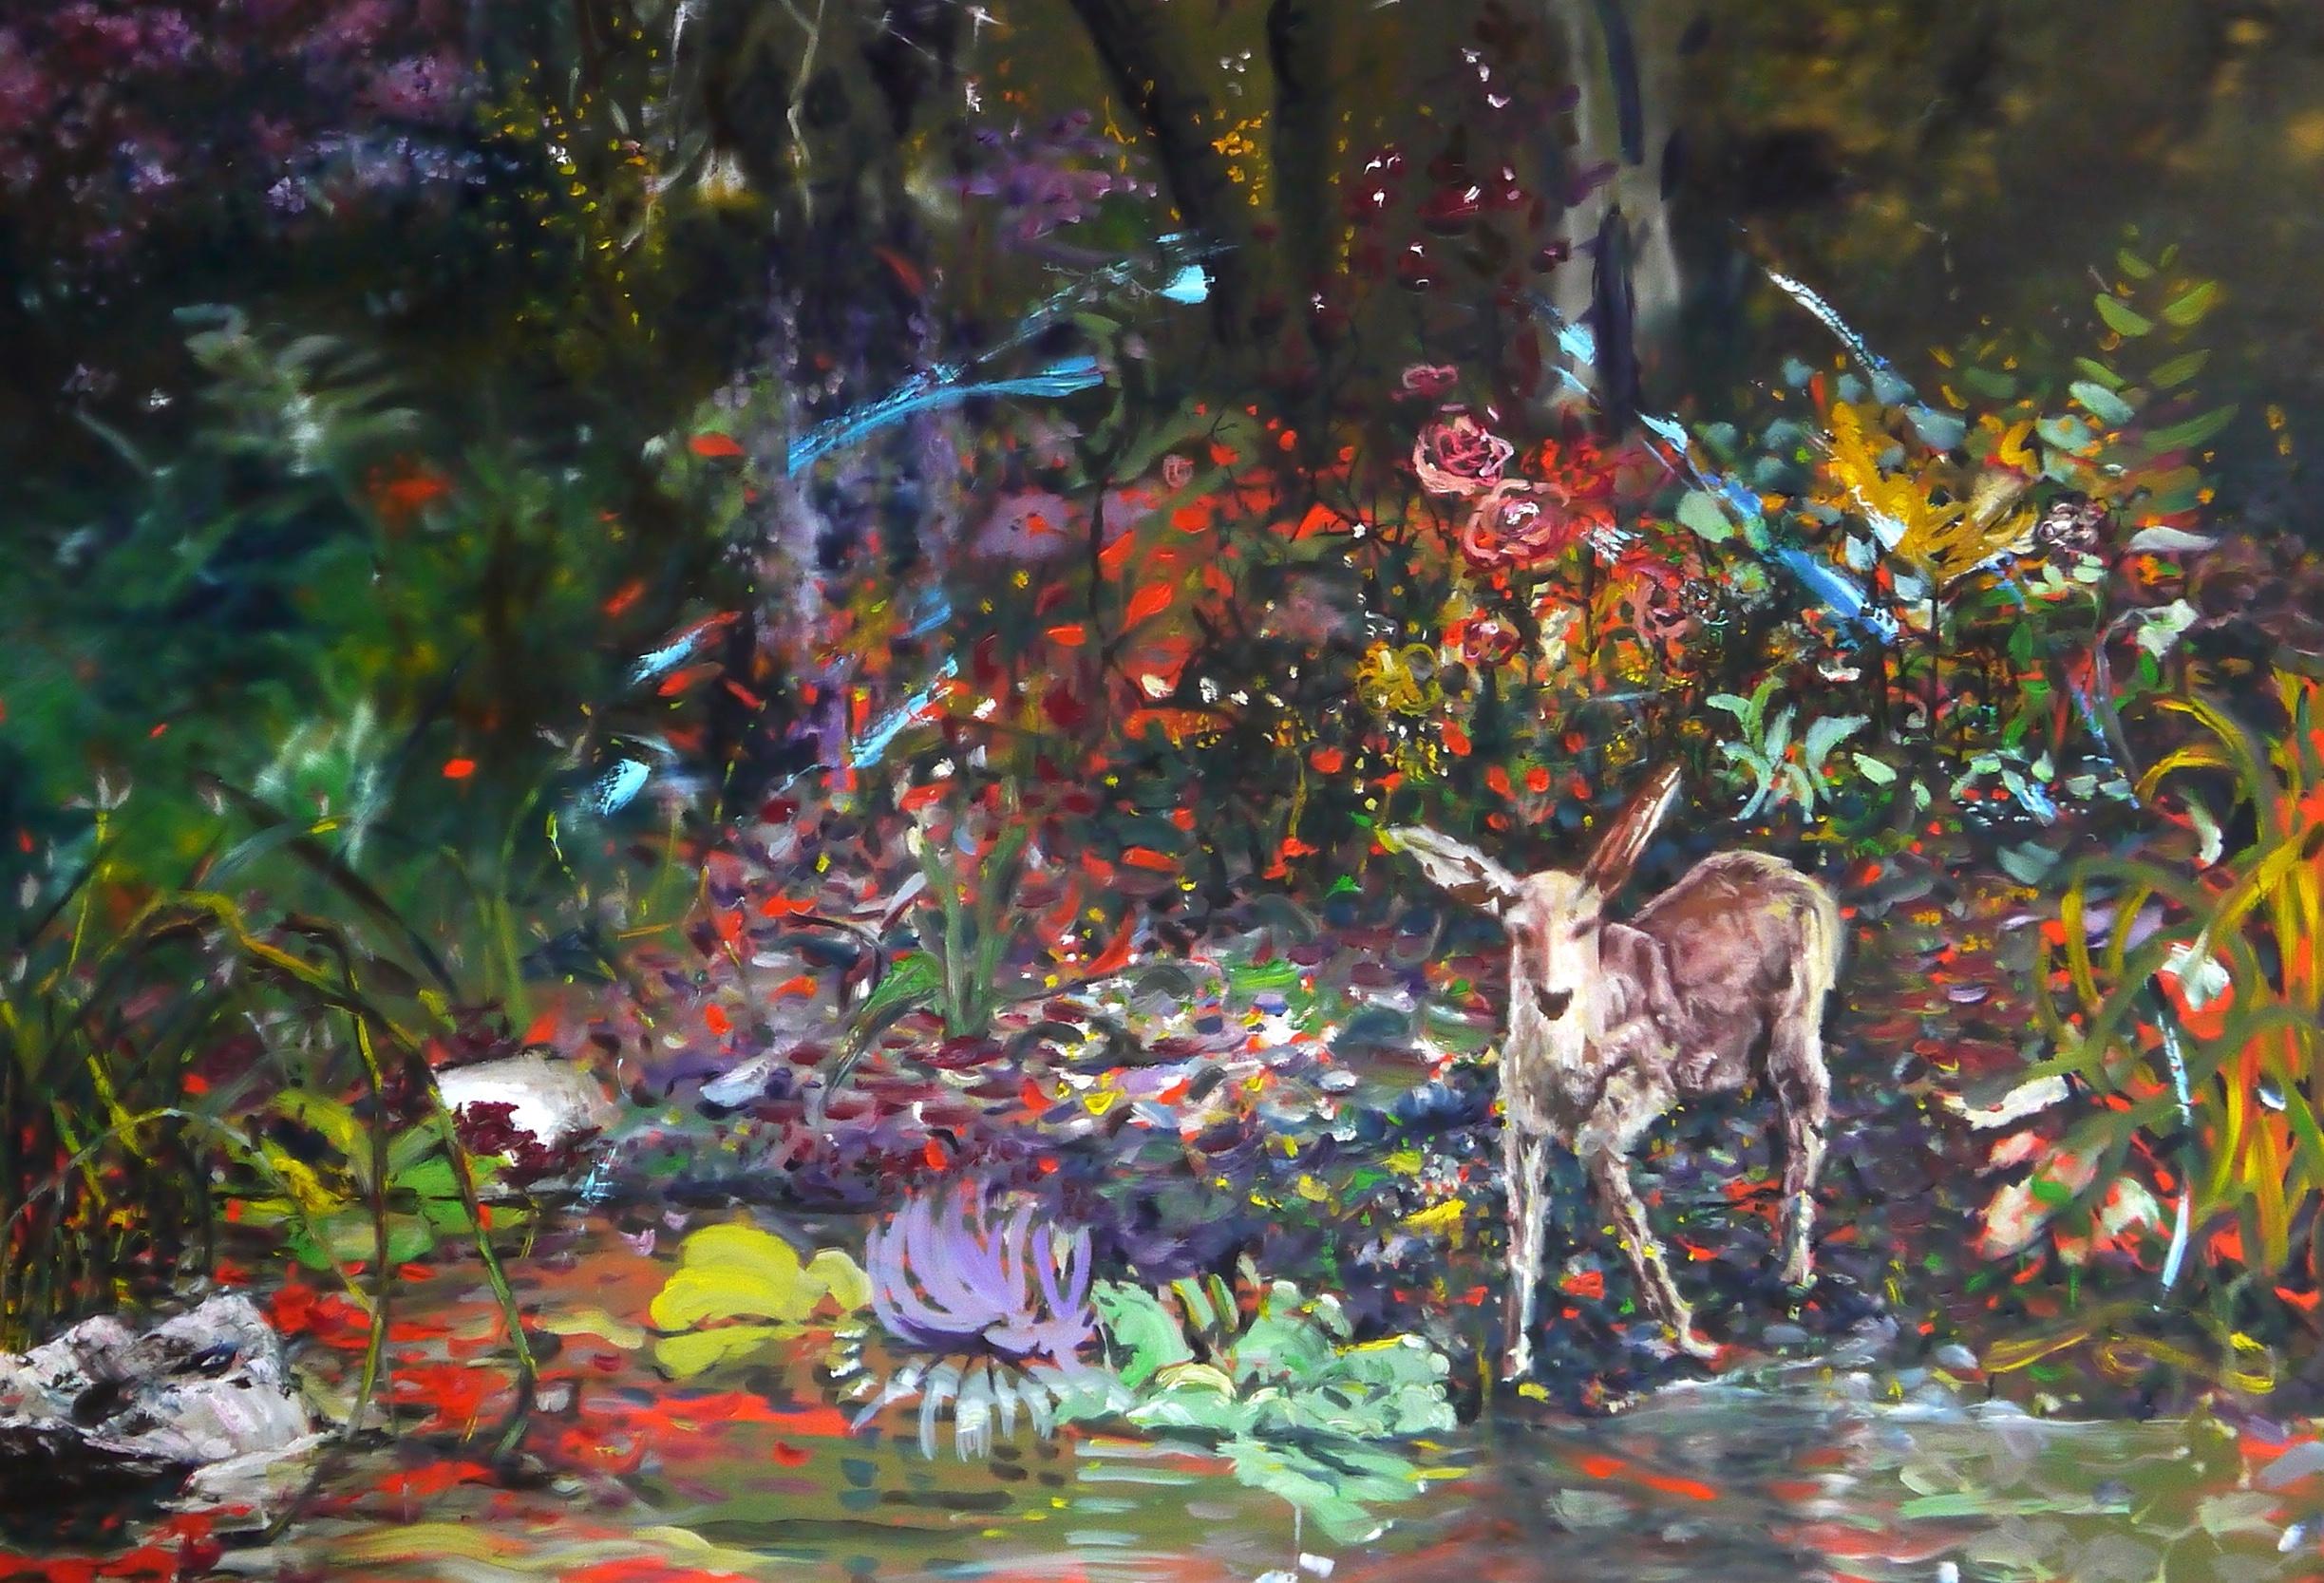 painting paradise malerei paradies reh deer seele seelenraum soul soulfood